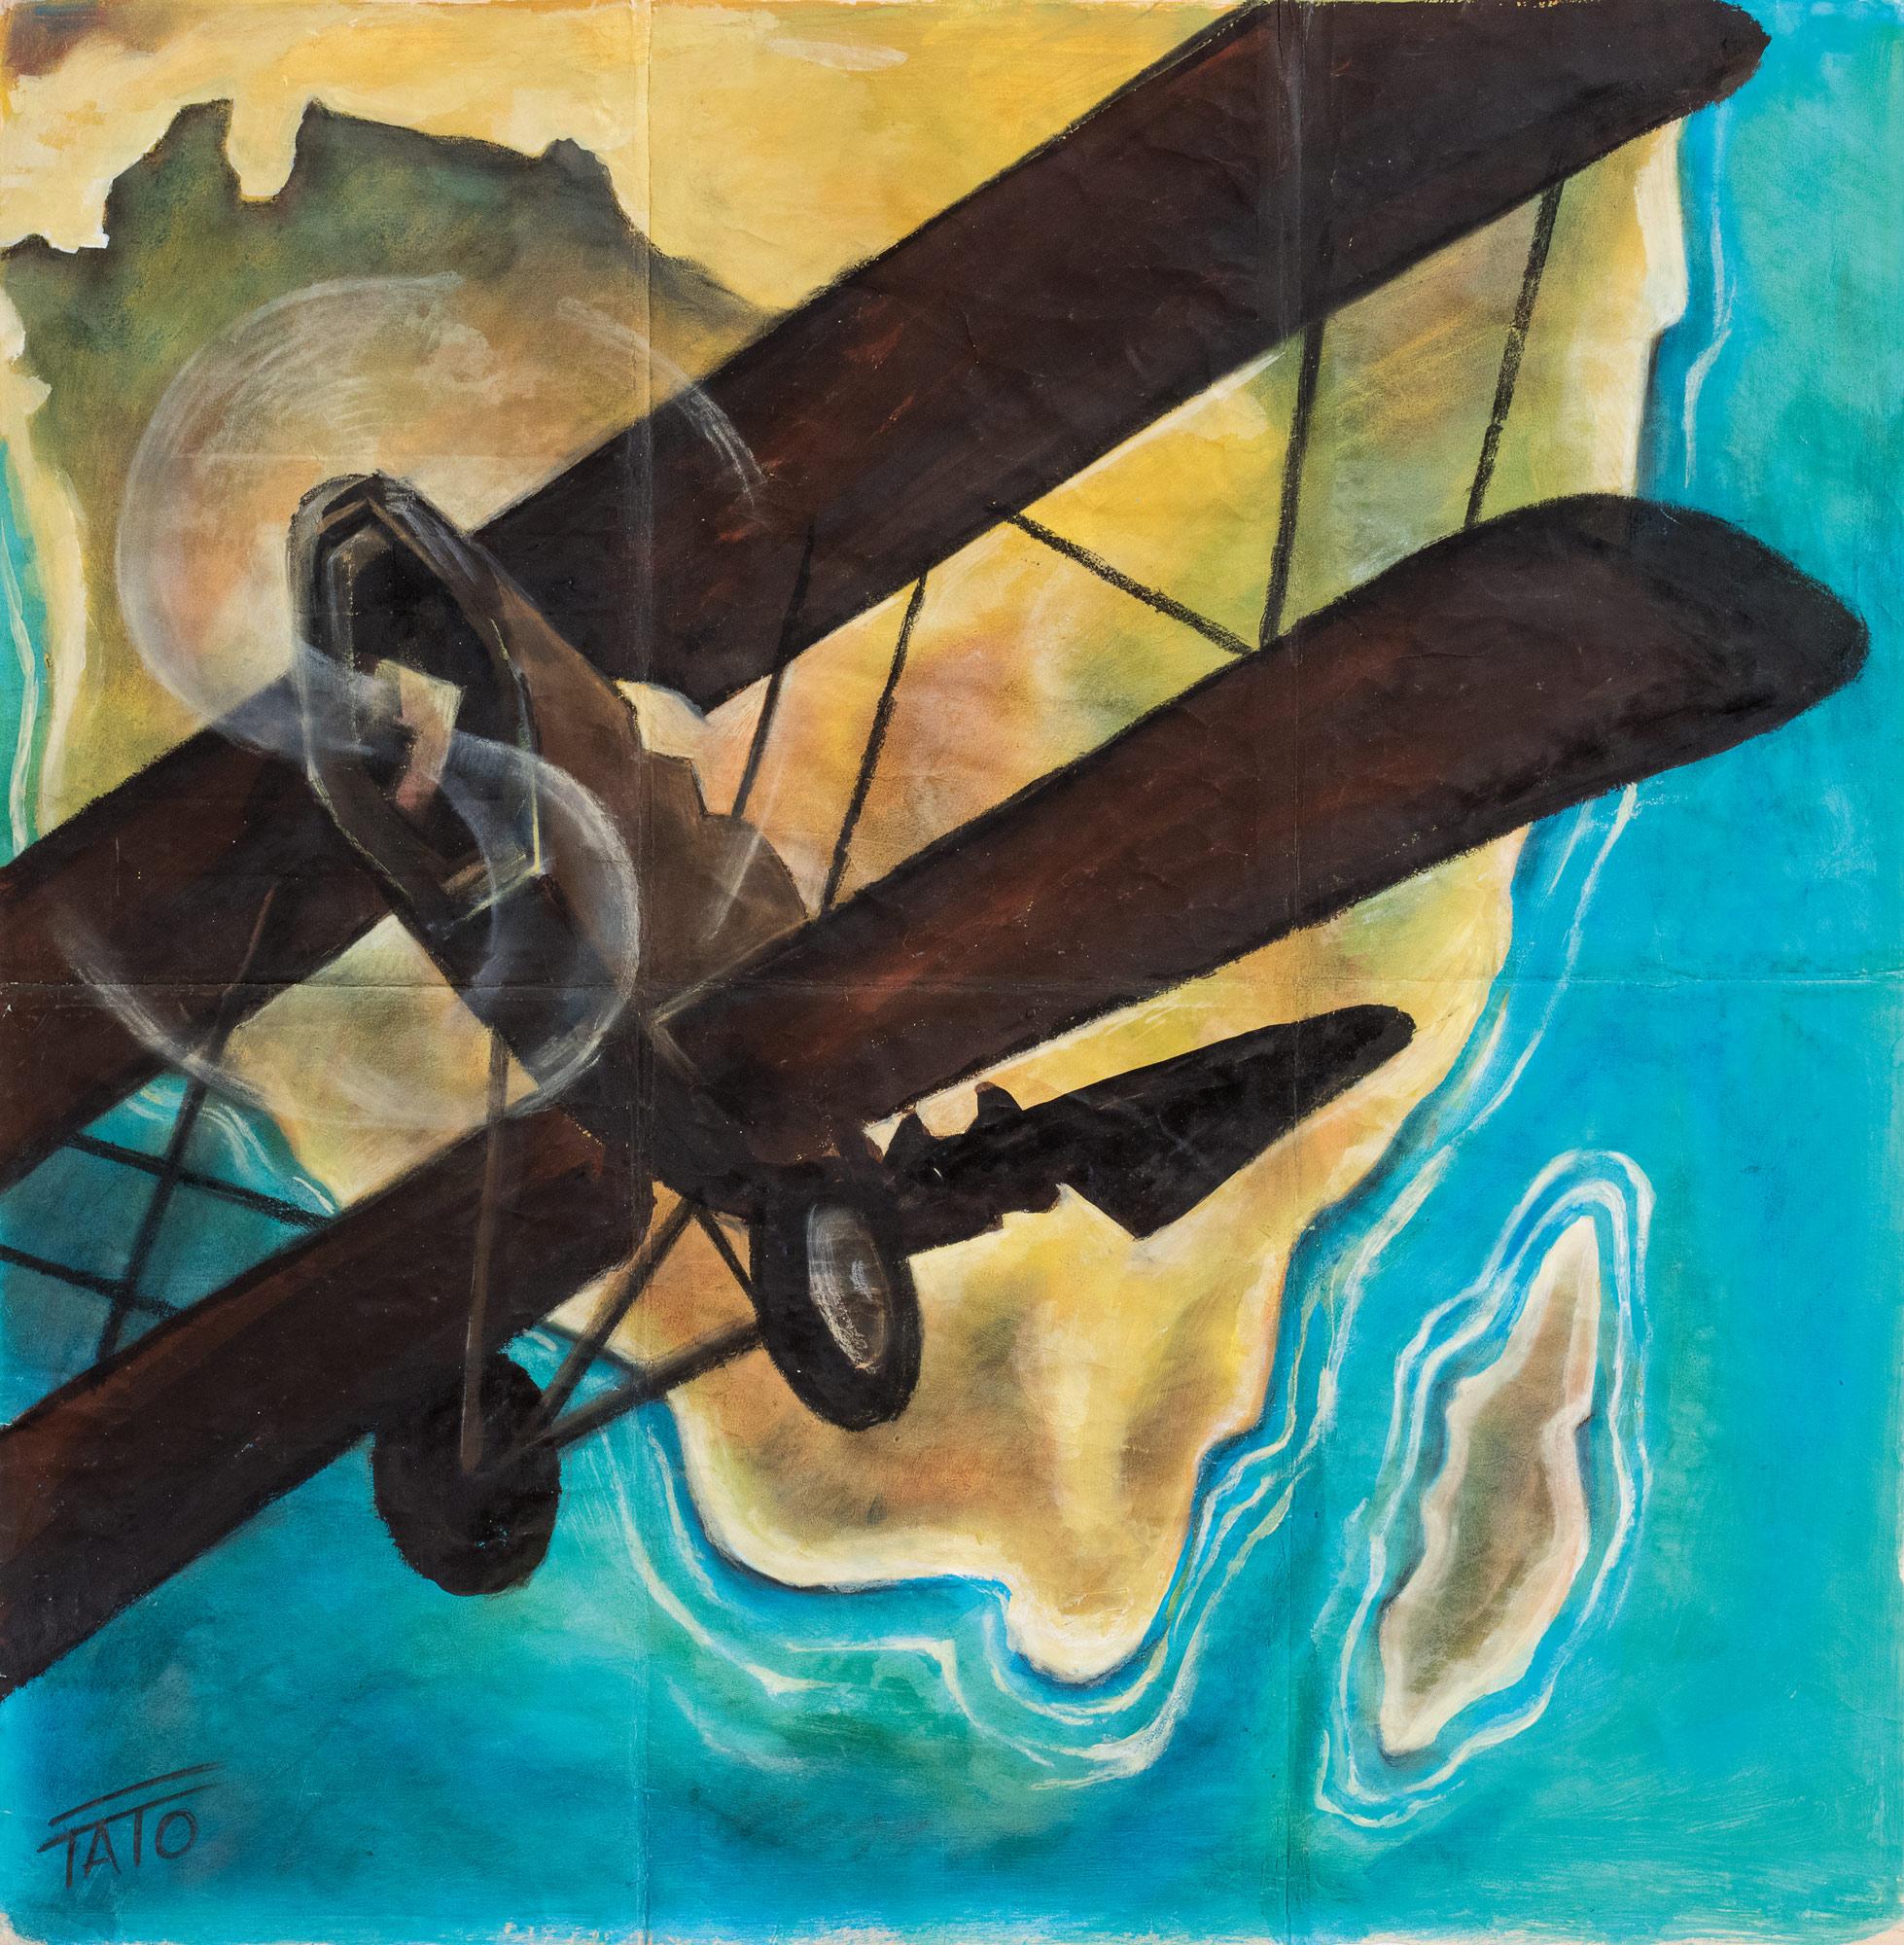 Caproni 100 in virata, 1930